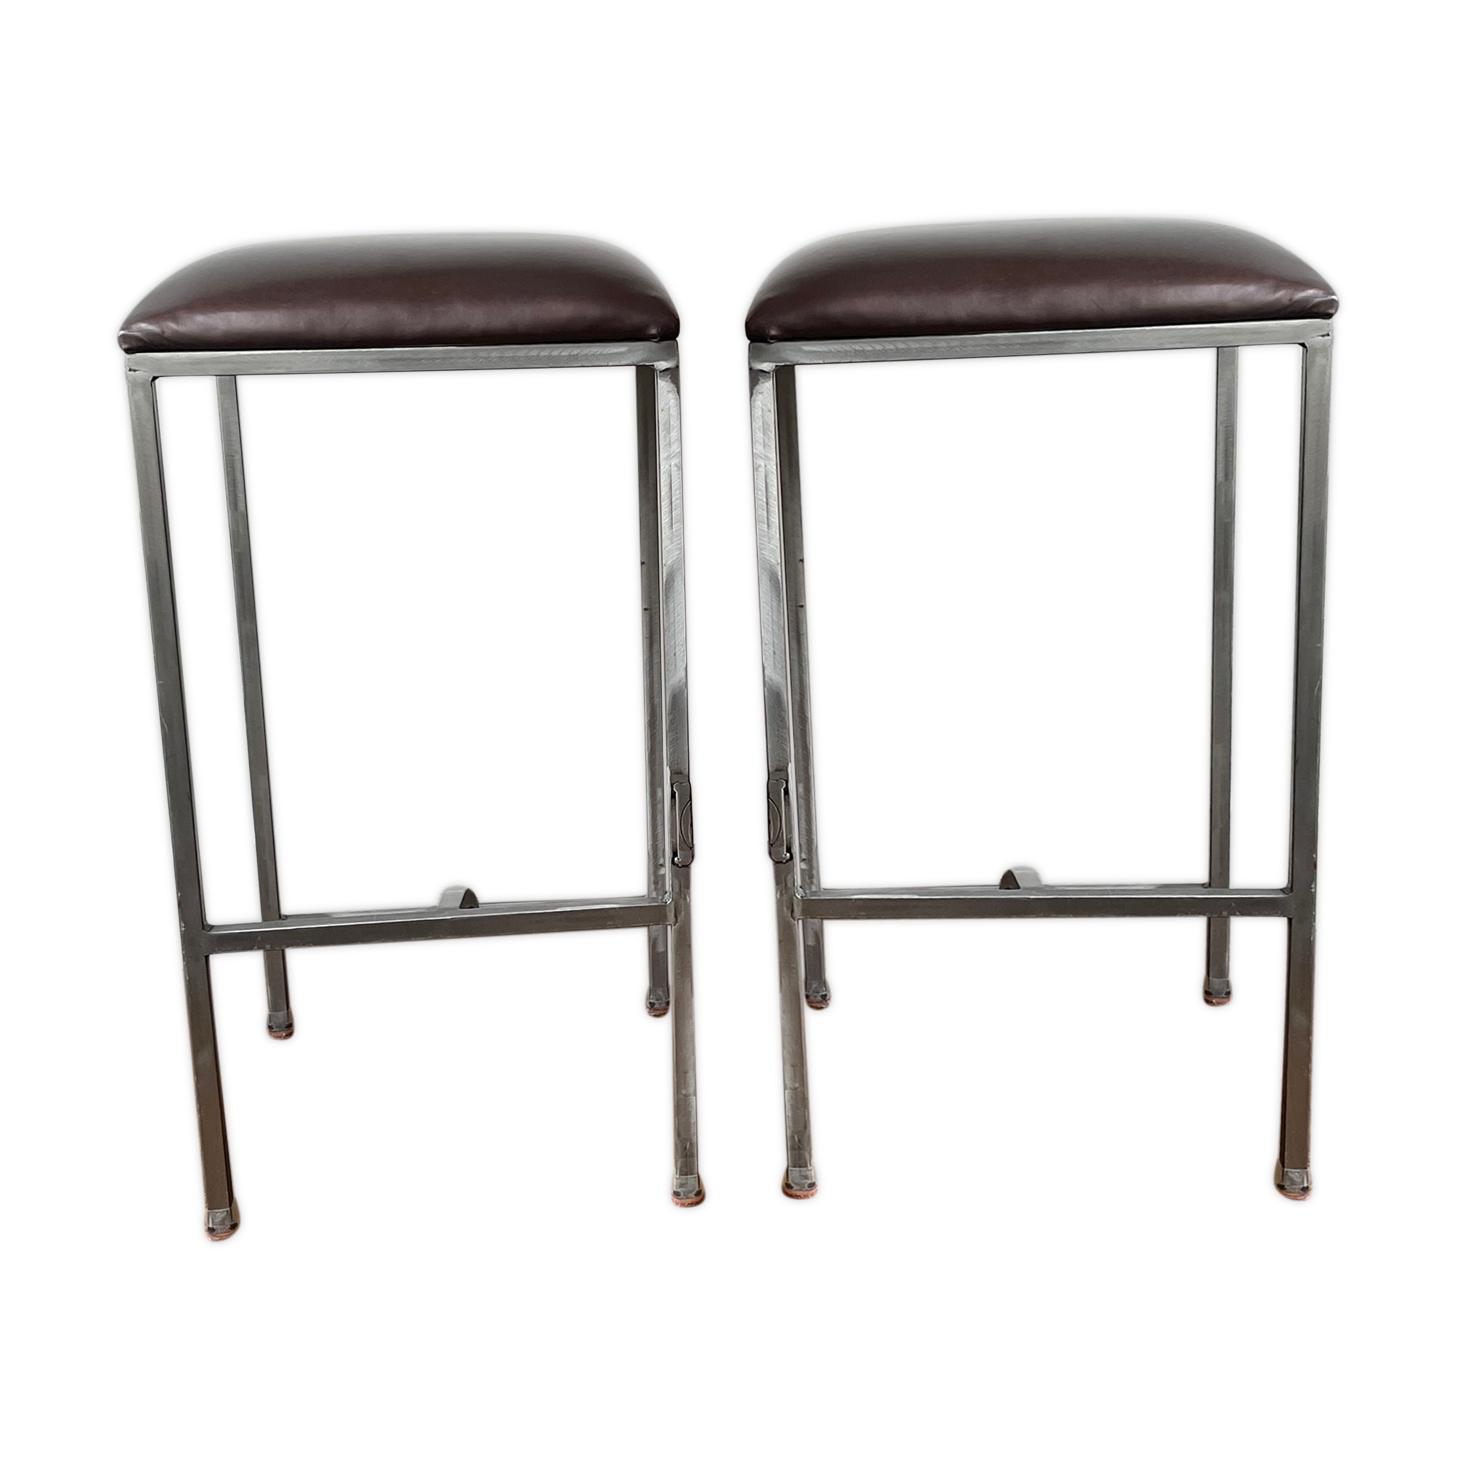 Lot de 2 tabourets acier brossé assise marron glacé - designer chantal peyrat